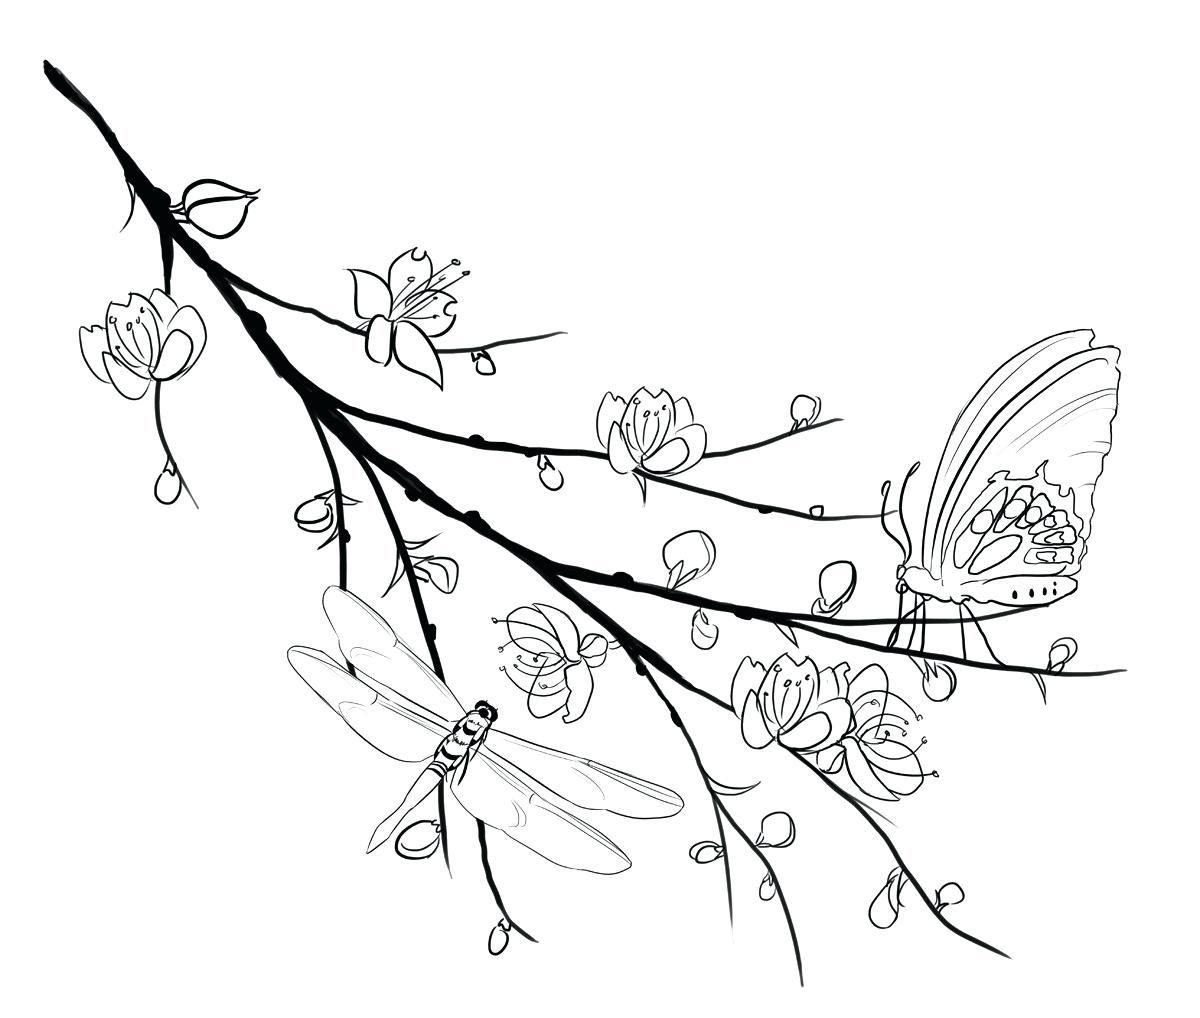 Tranh tô màu cành hoa mai đẹp nhất